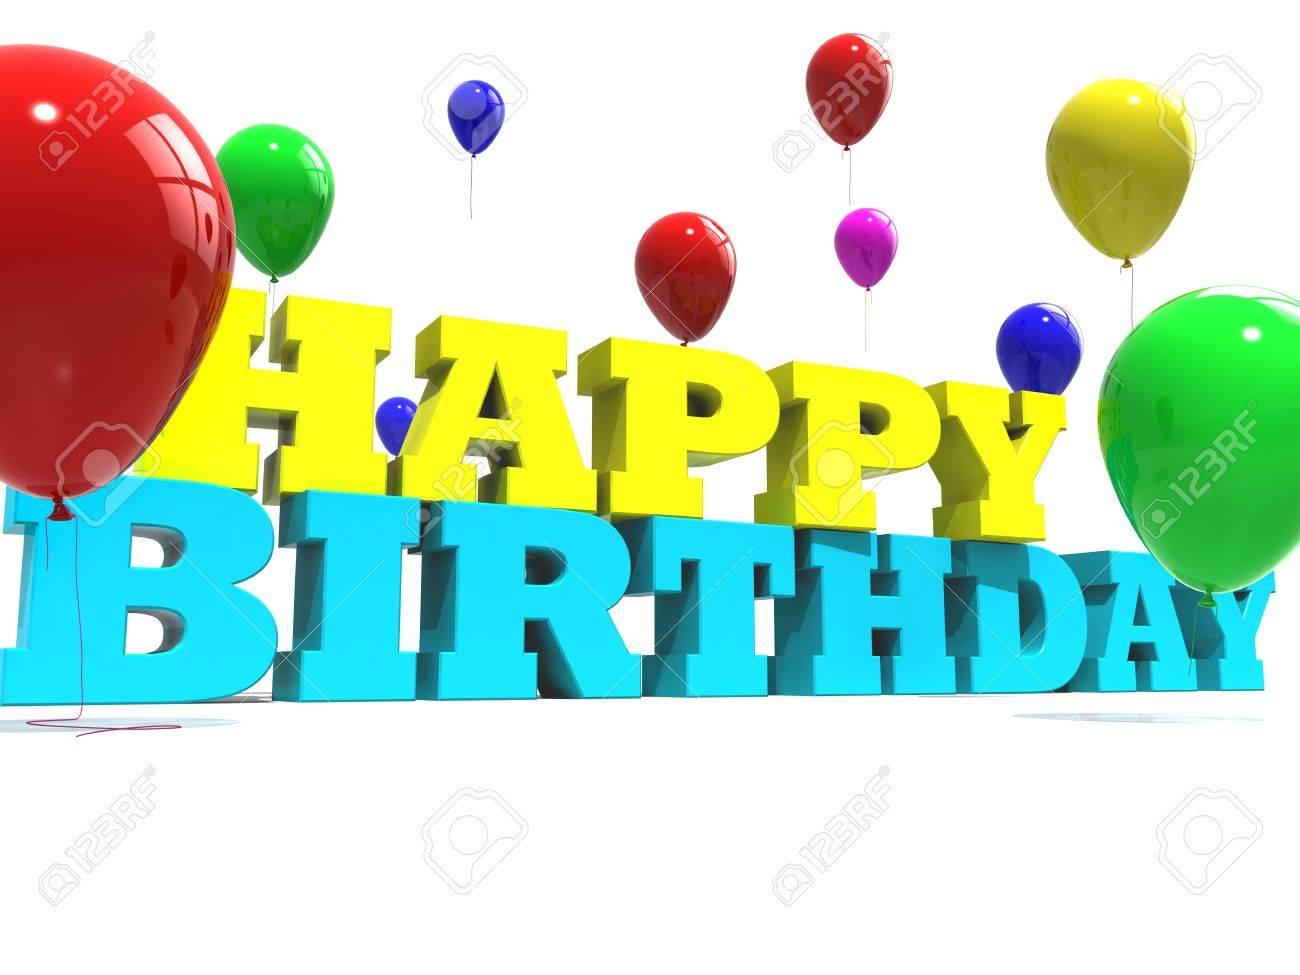 Happy birthday sign Stock Photo - 8766757